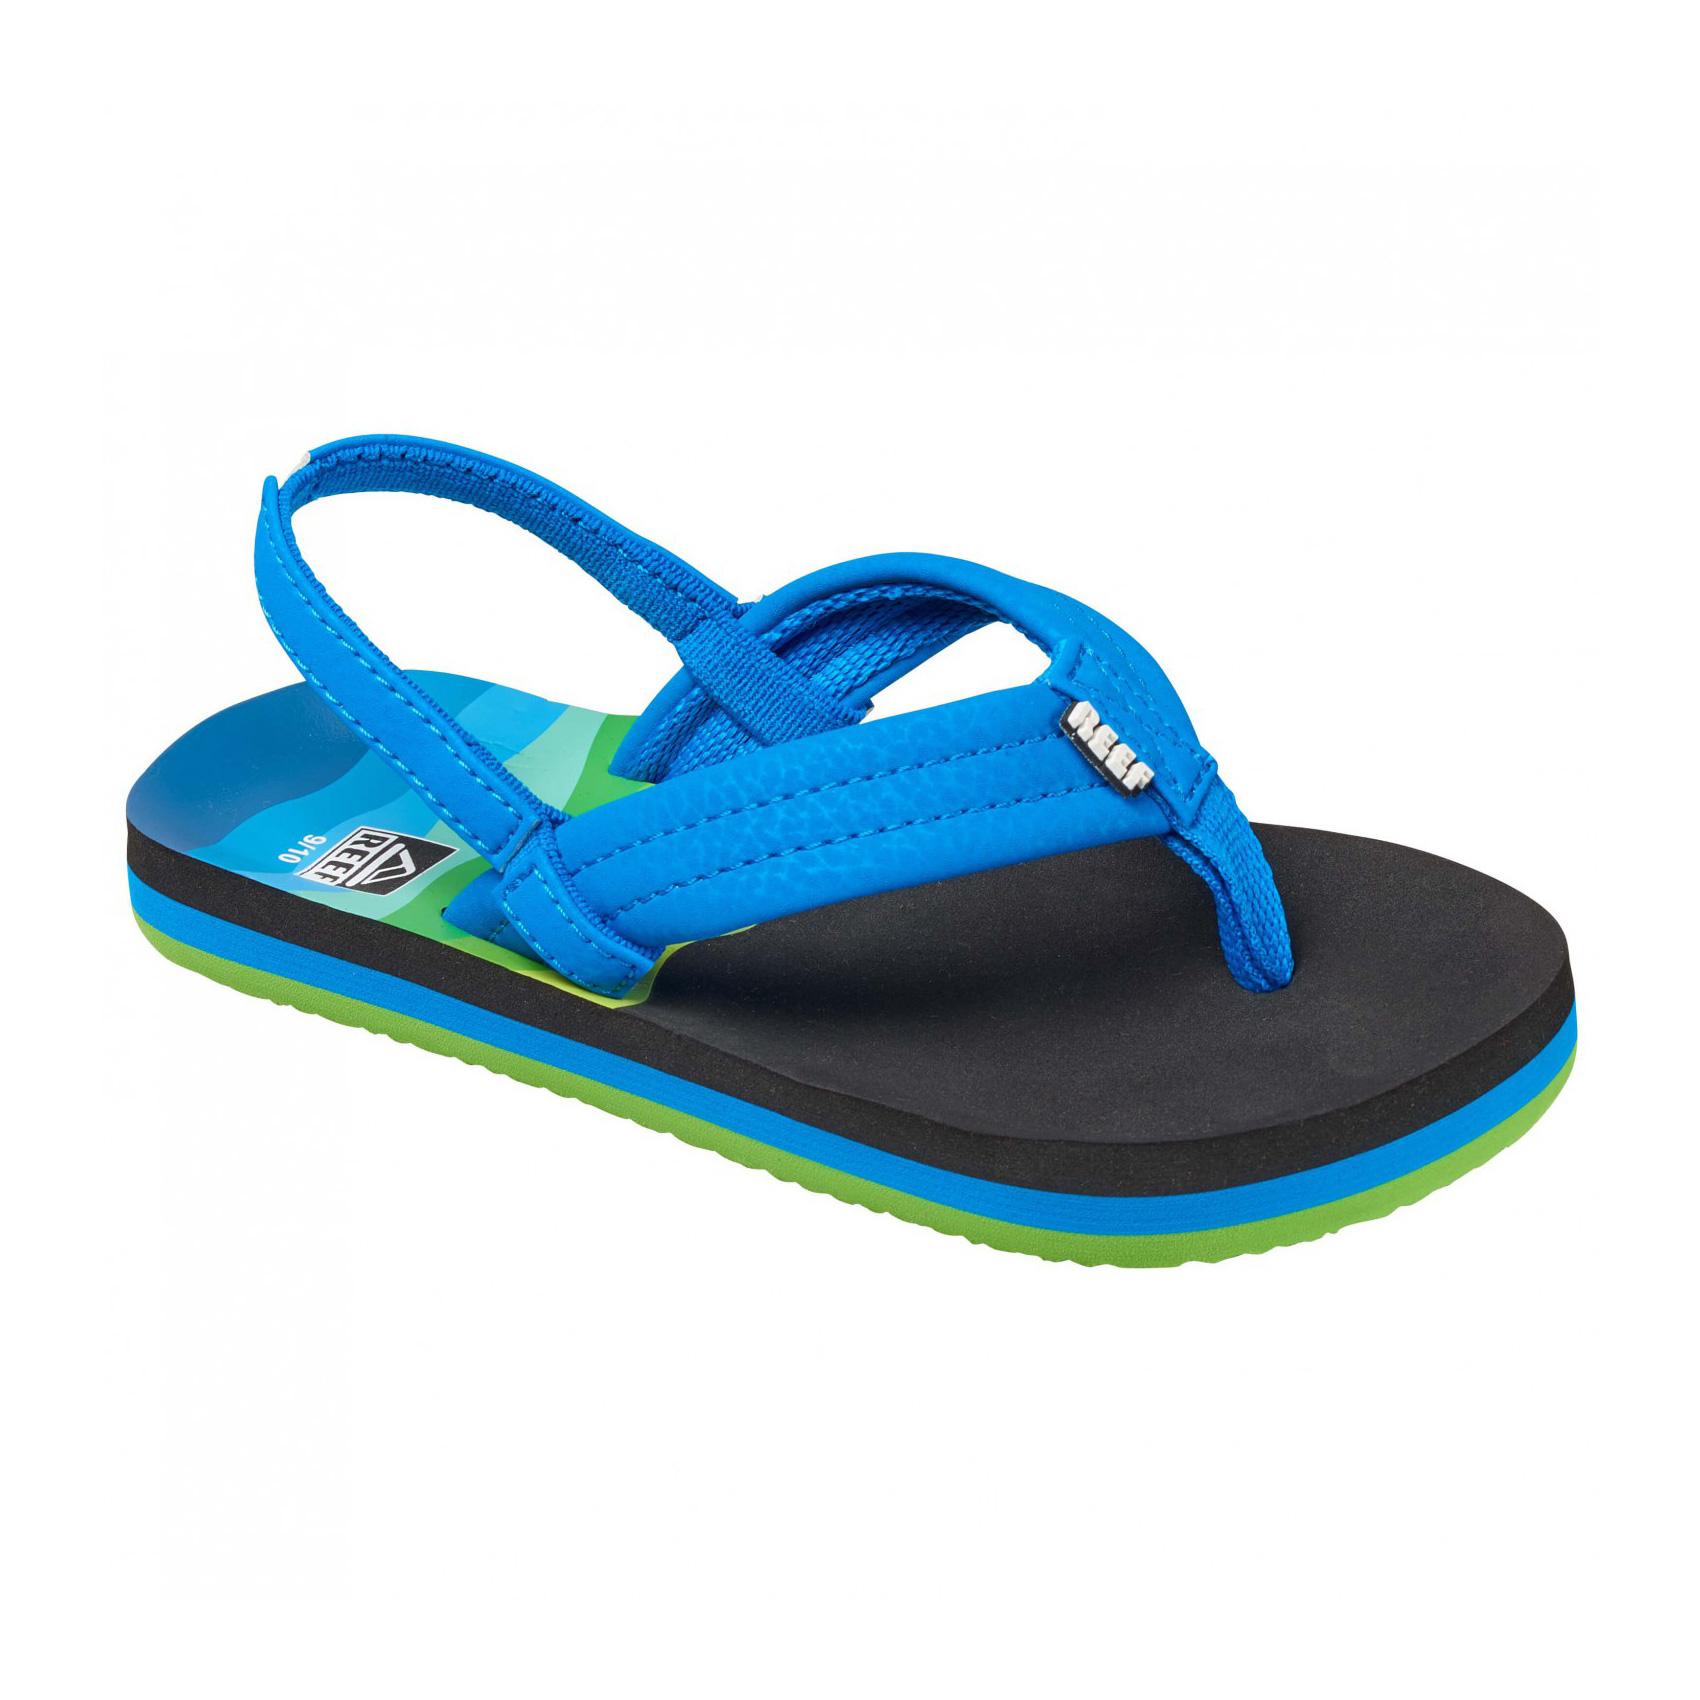 6359b5d05133 Reef Ahi Flip Flops Kids